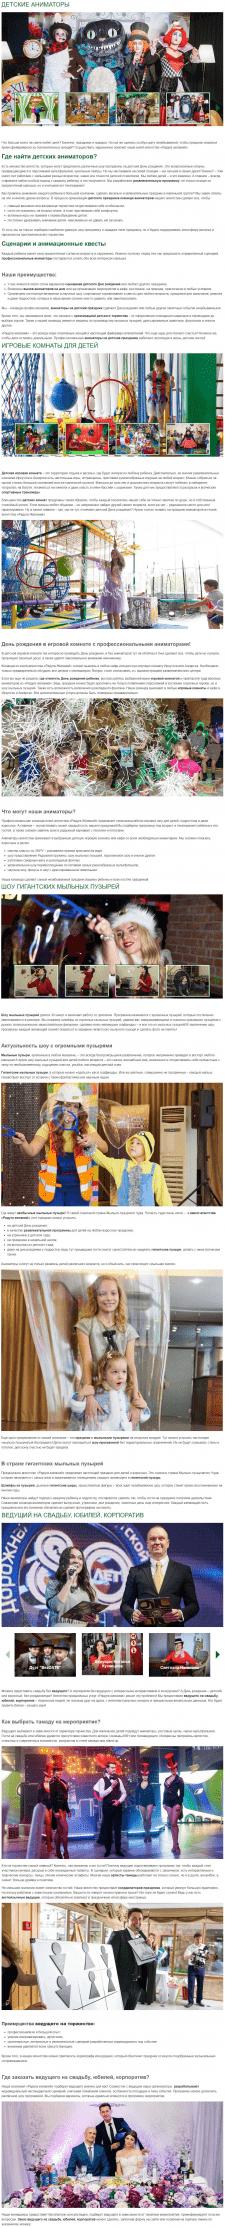 ДЕТСКИЕ/ИВЕНТ | Агентство праздников